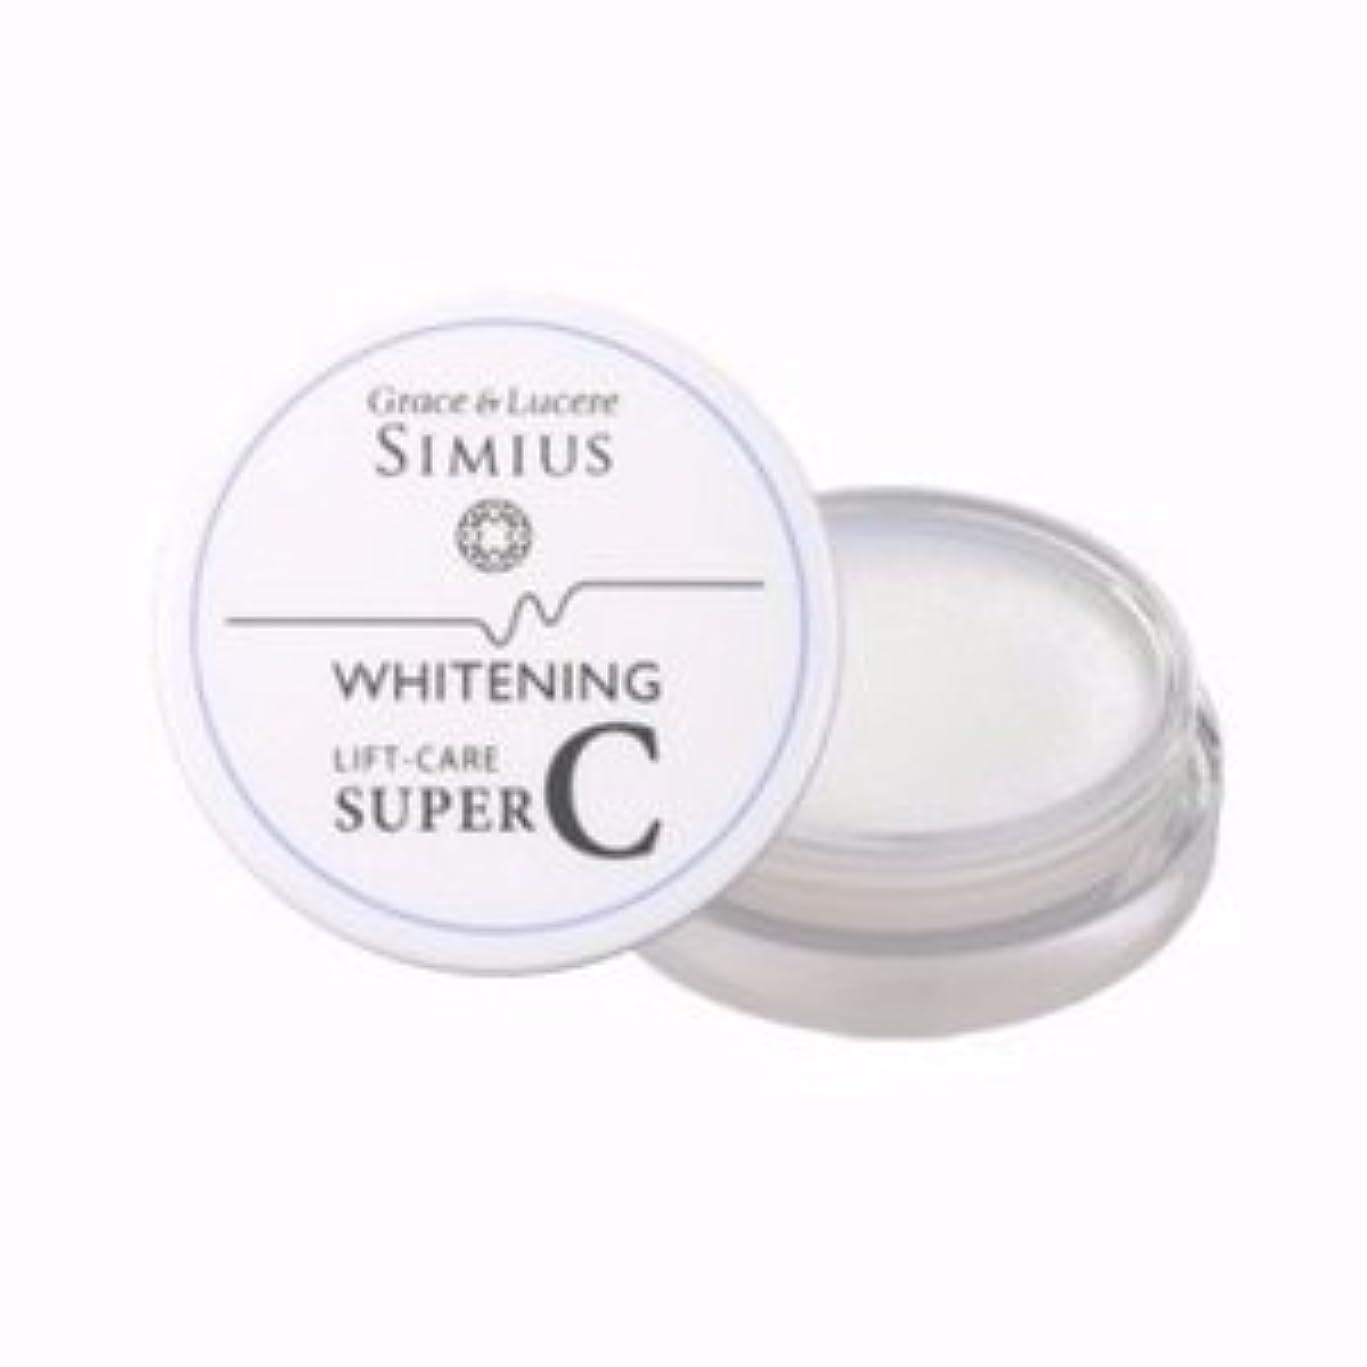 メナジェリーシュリンク穀物グレースアンドルケレ シミウス ホワイトニングリフトケアスーパーC 7g